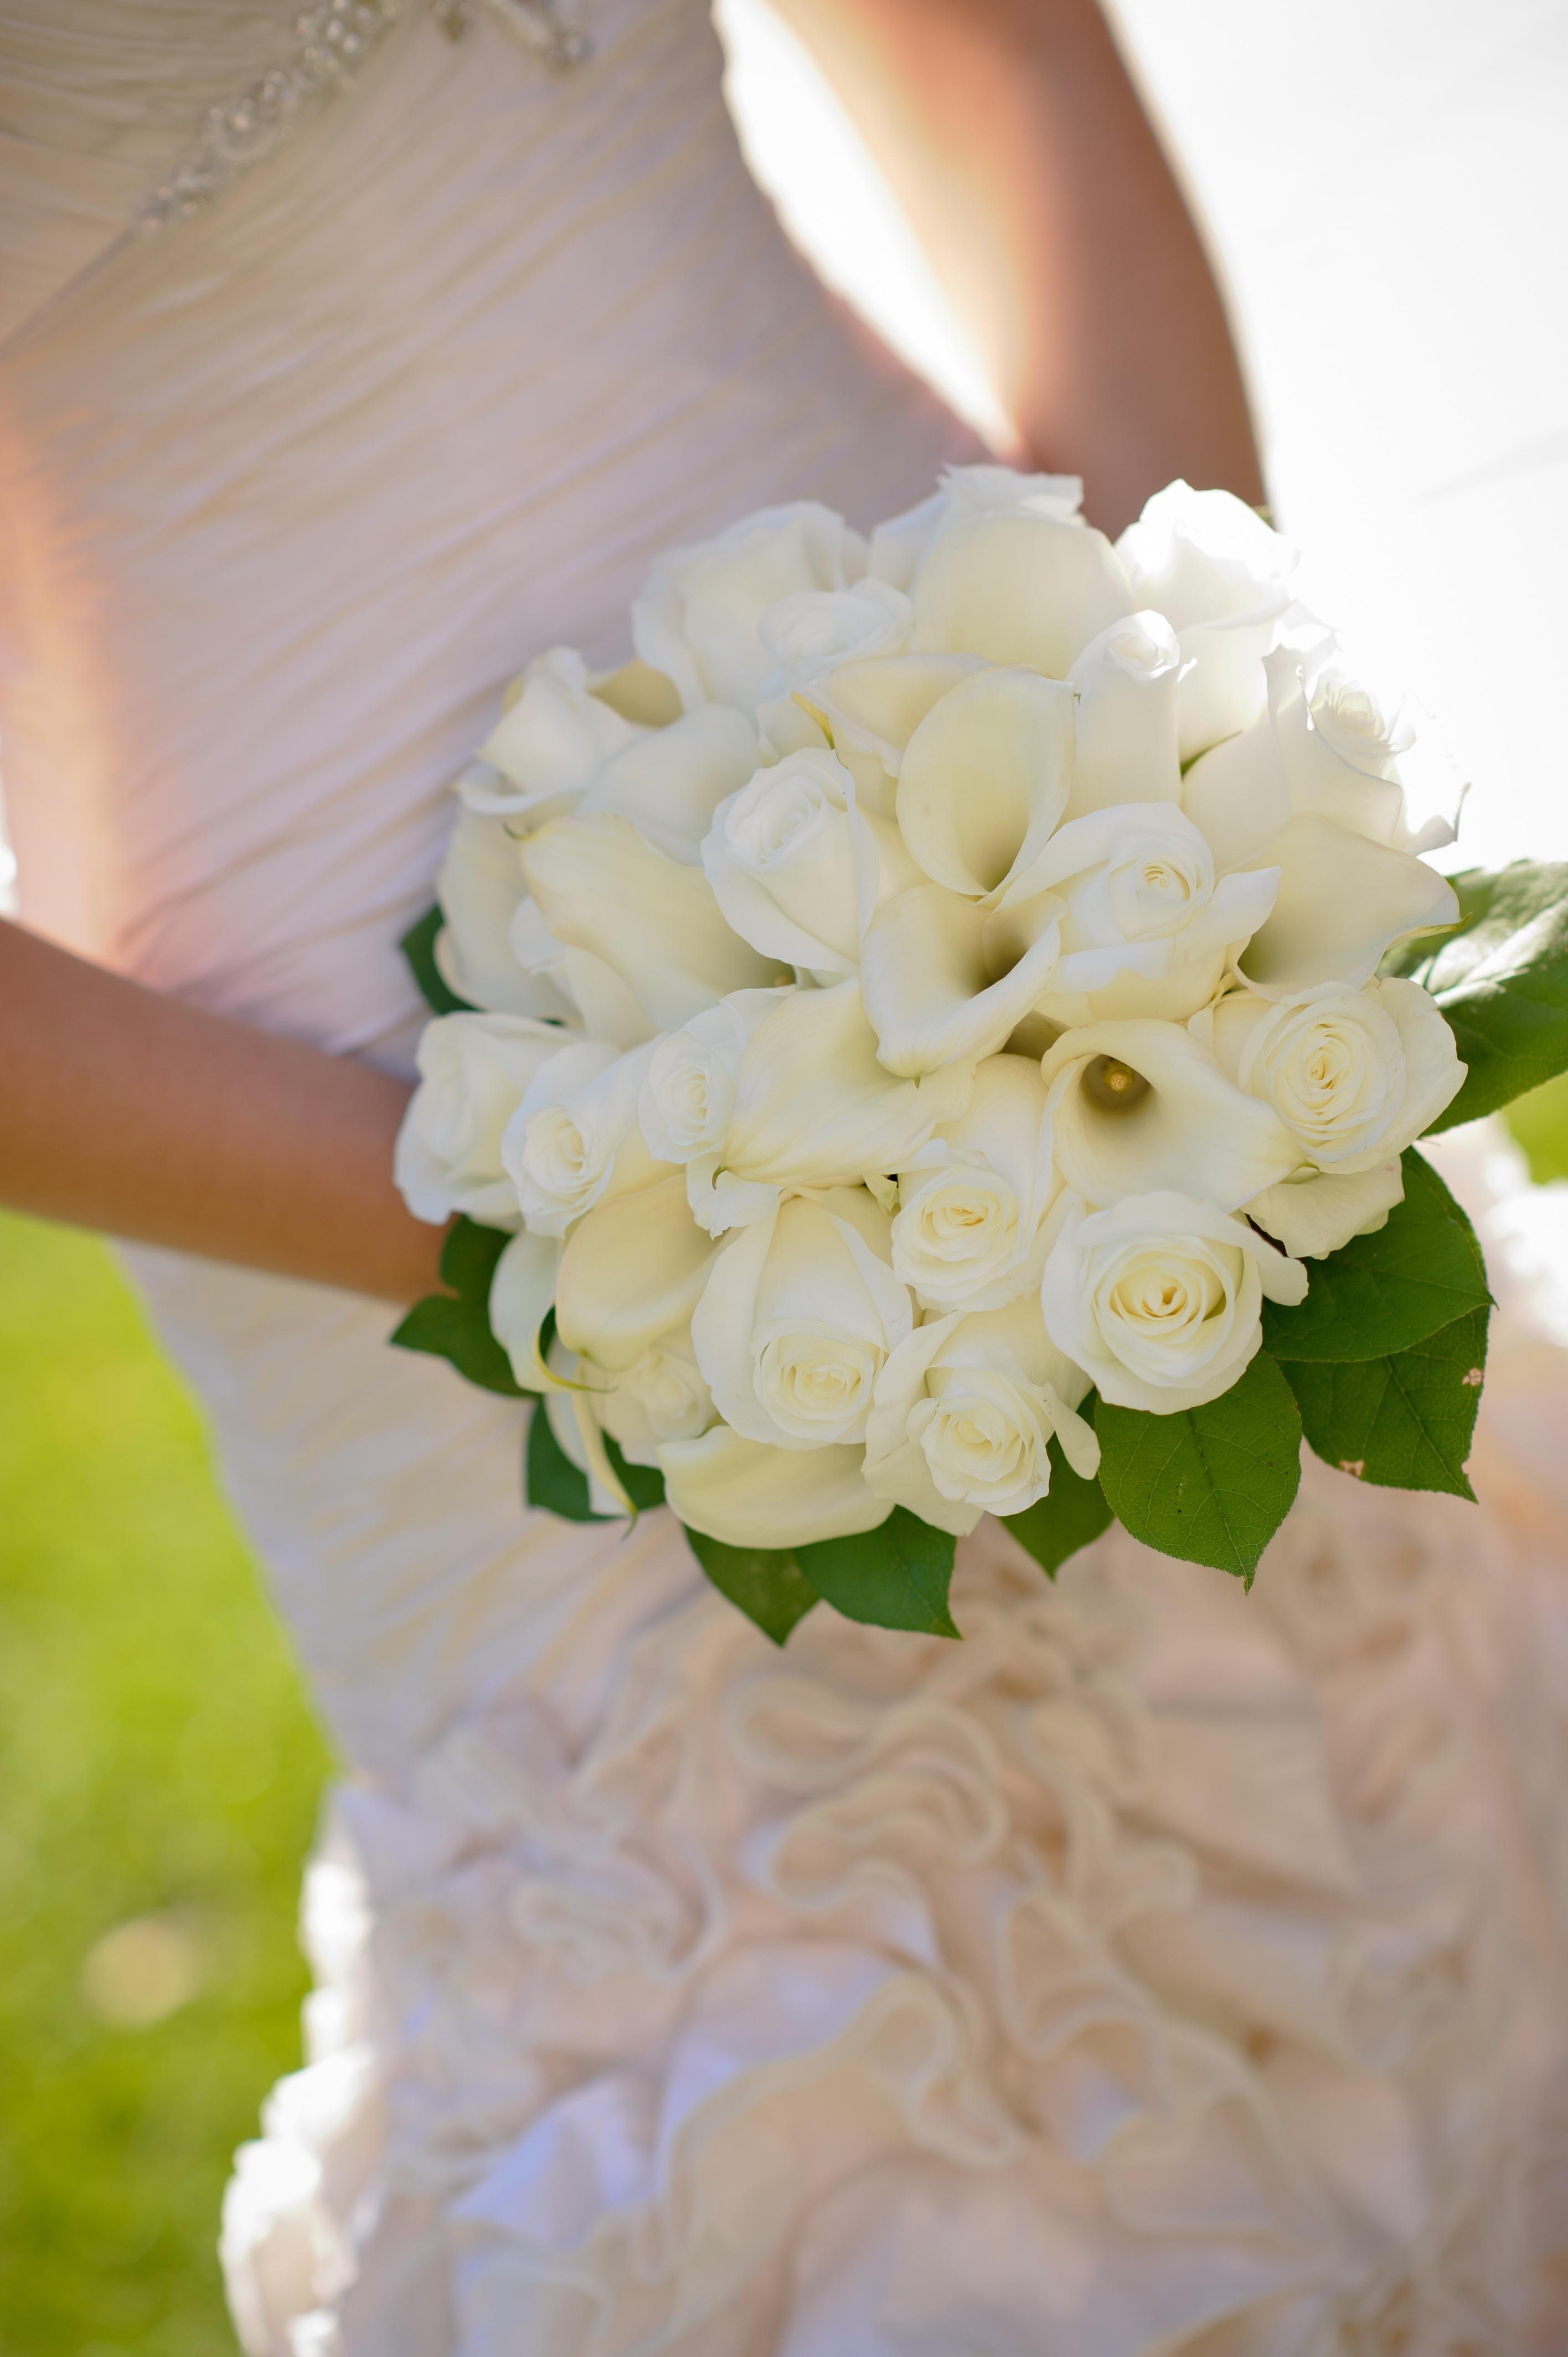 Preserving your bridal bouquet